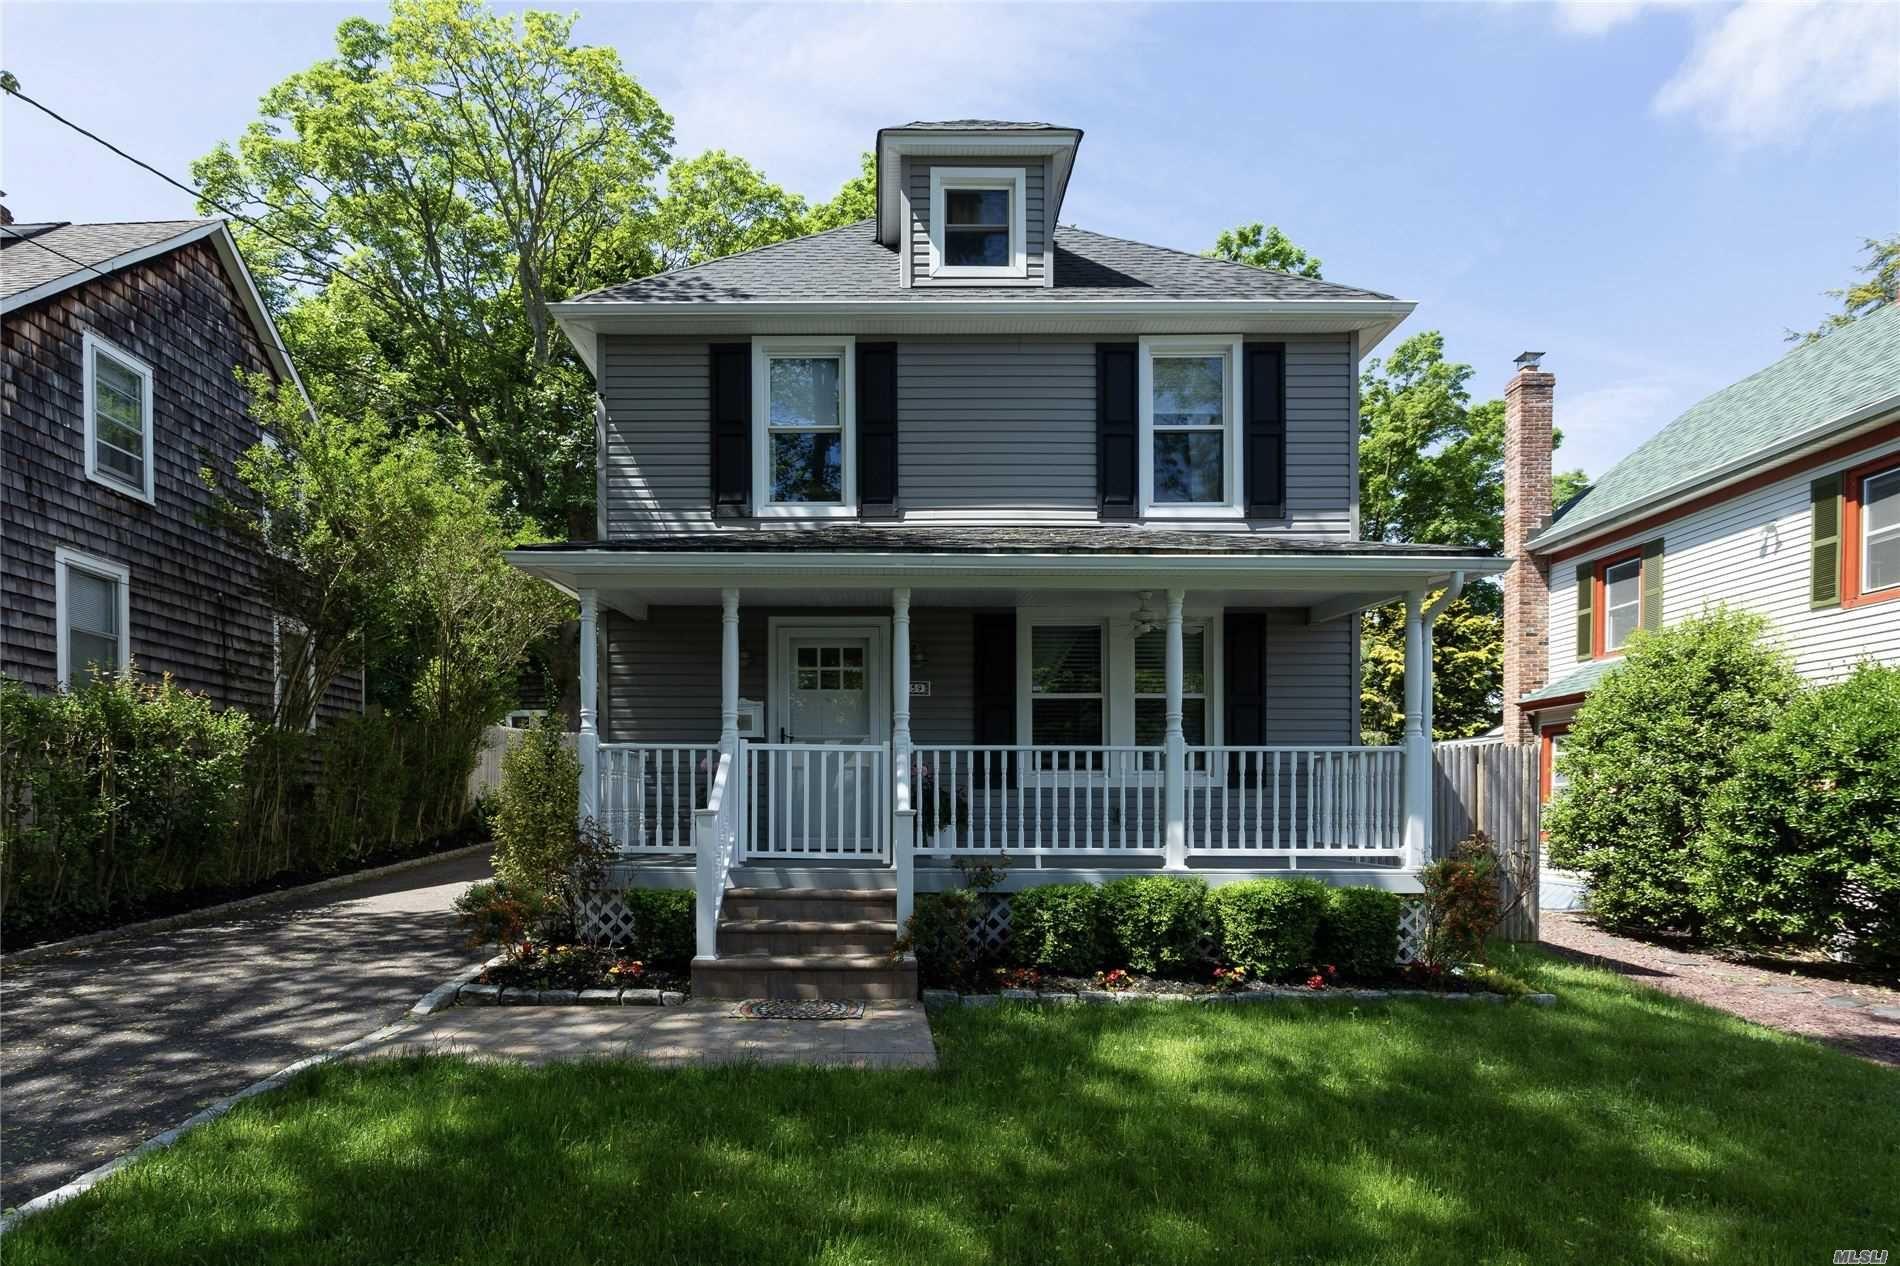 59 Jackson Ave, Huntington, NY 11743 - MLS#: 3216043